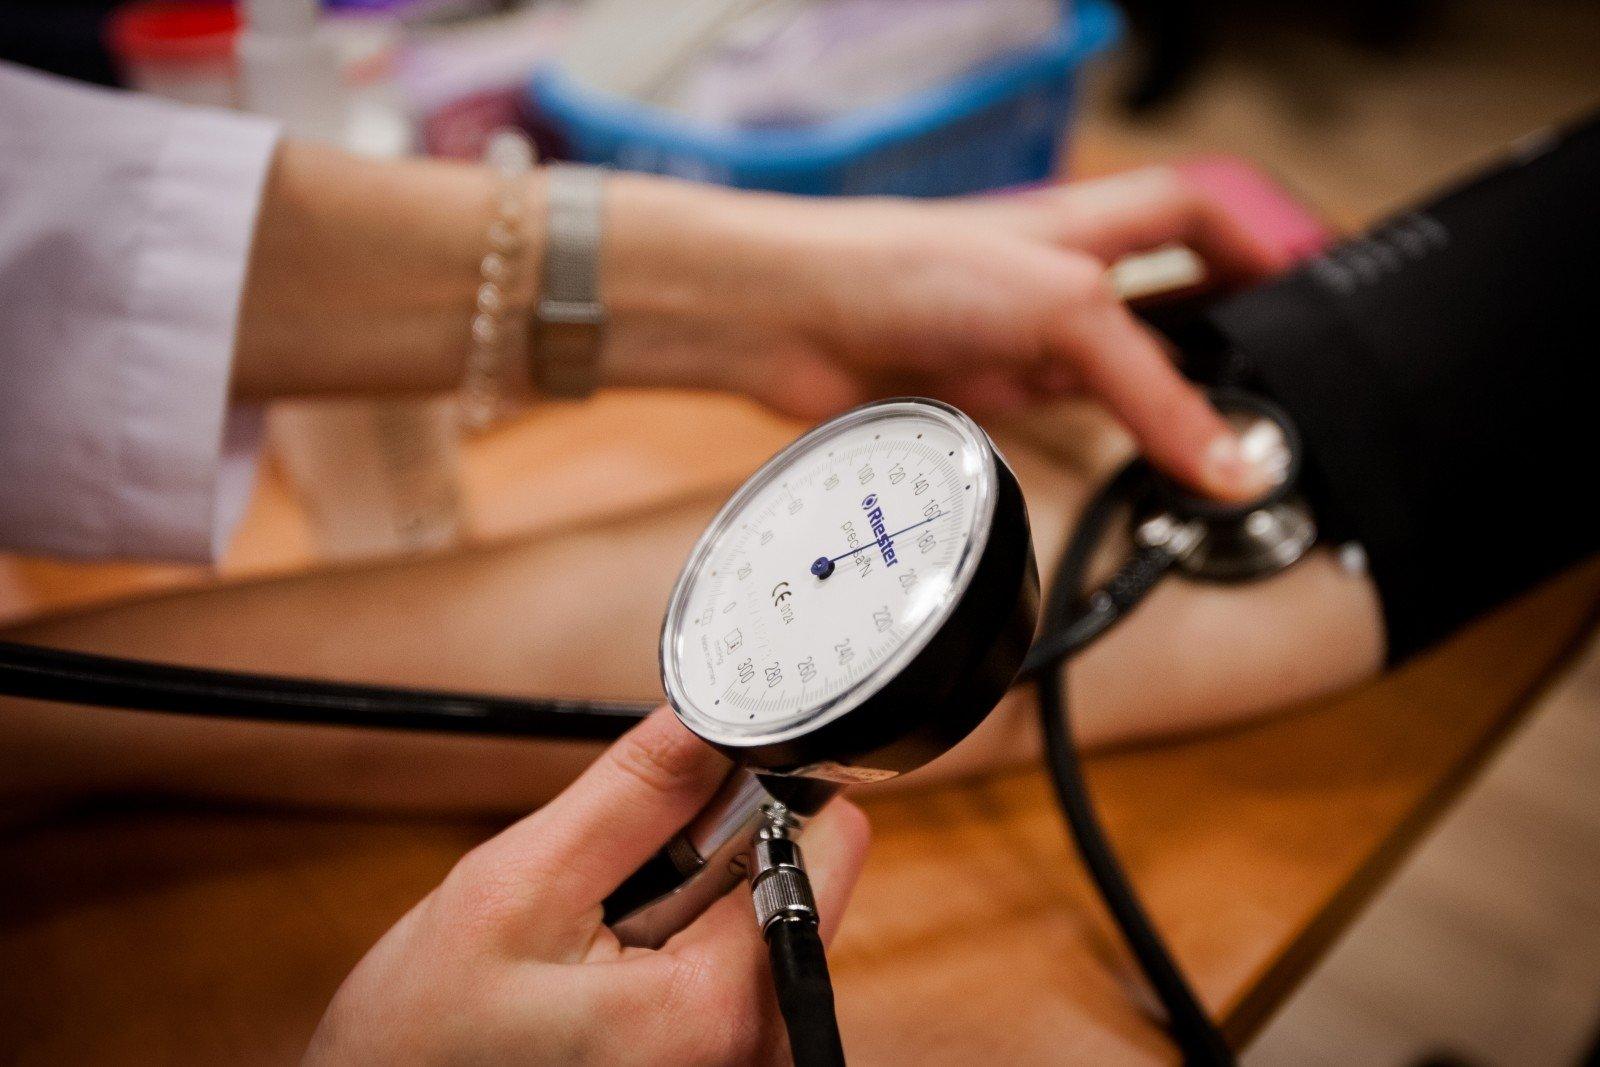 karščio bangos su hipertenzija